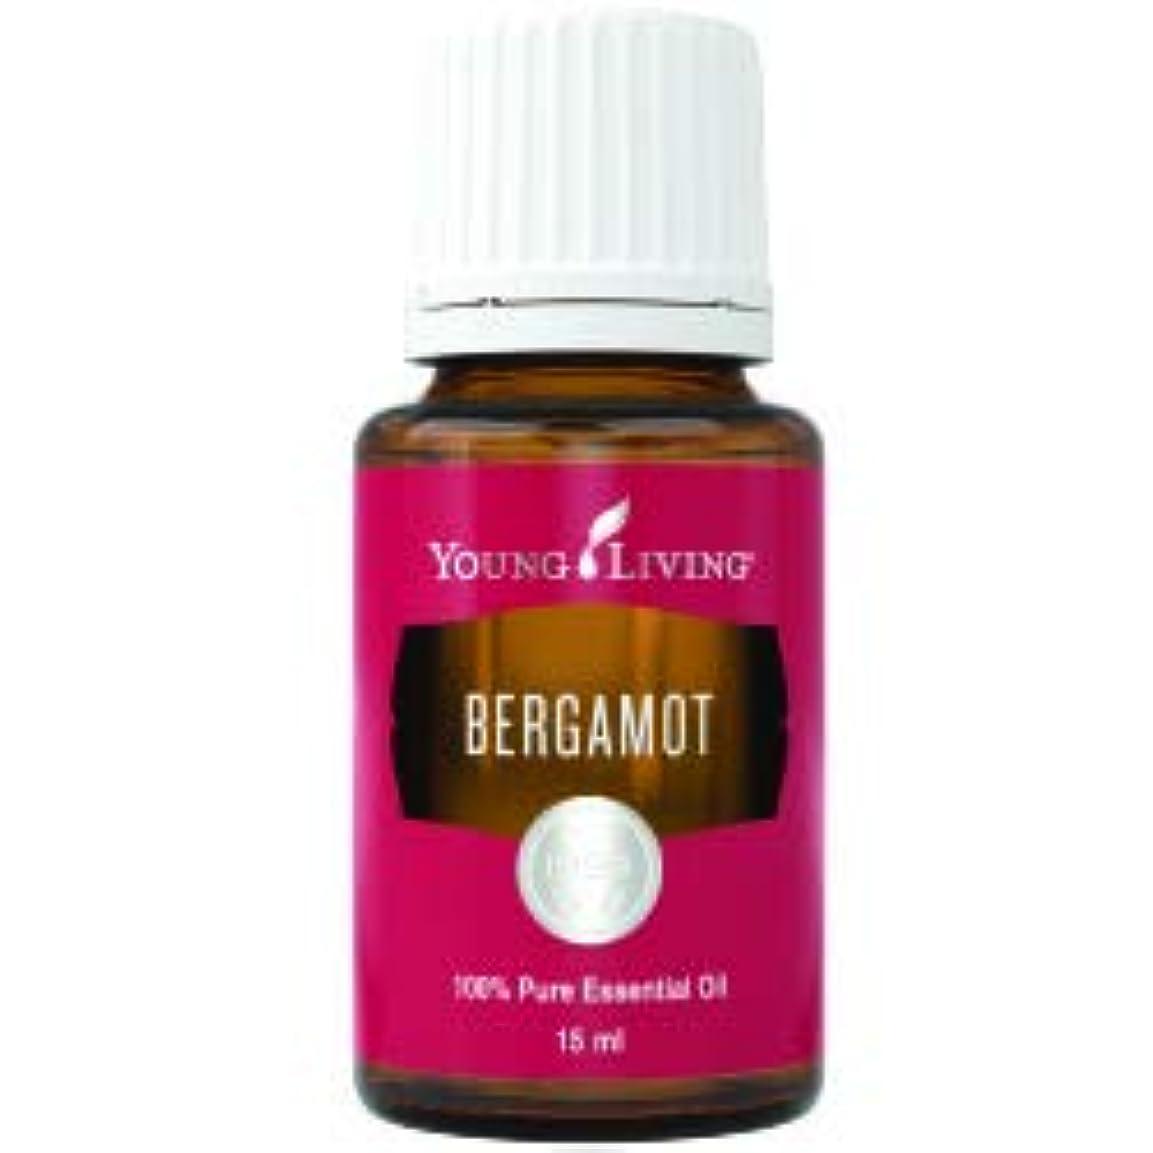 老人再集計落ち着いてヤングリビングマレーシアのベルガモットエッセンシャルオイル15 ml Bergamot Essential Oil 15 ml by Young Living Malaysia